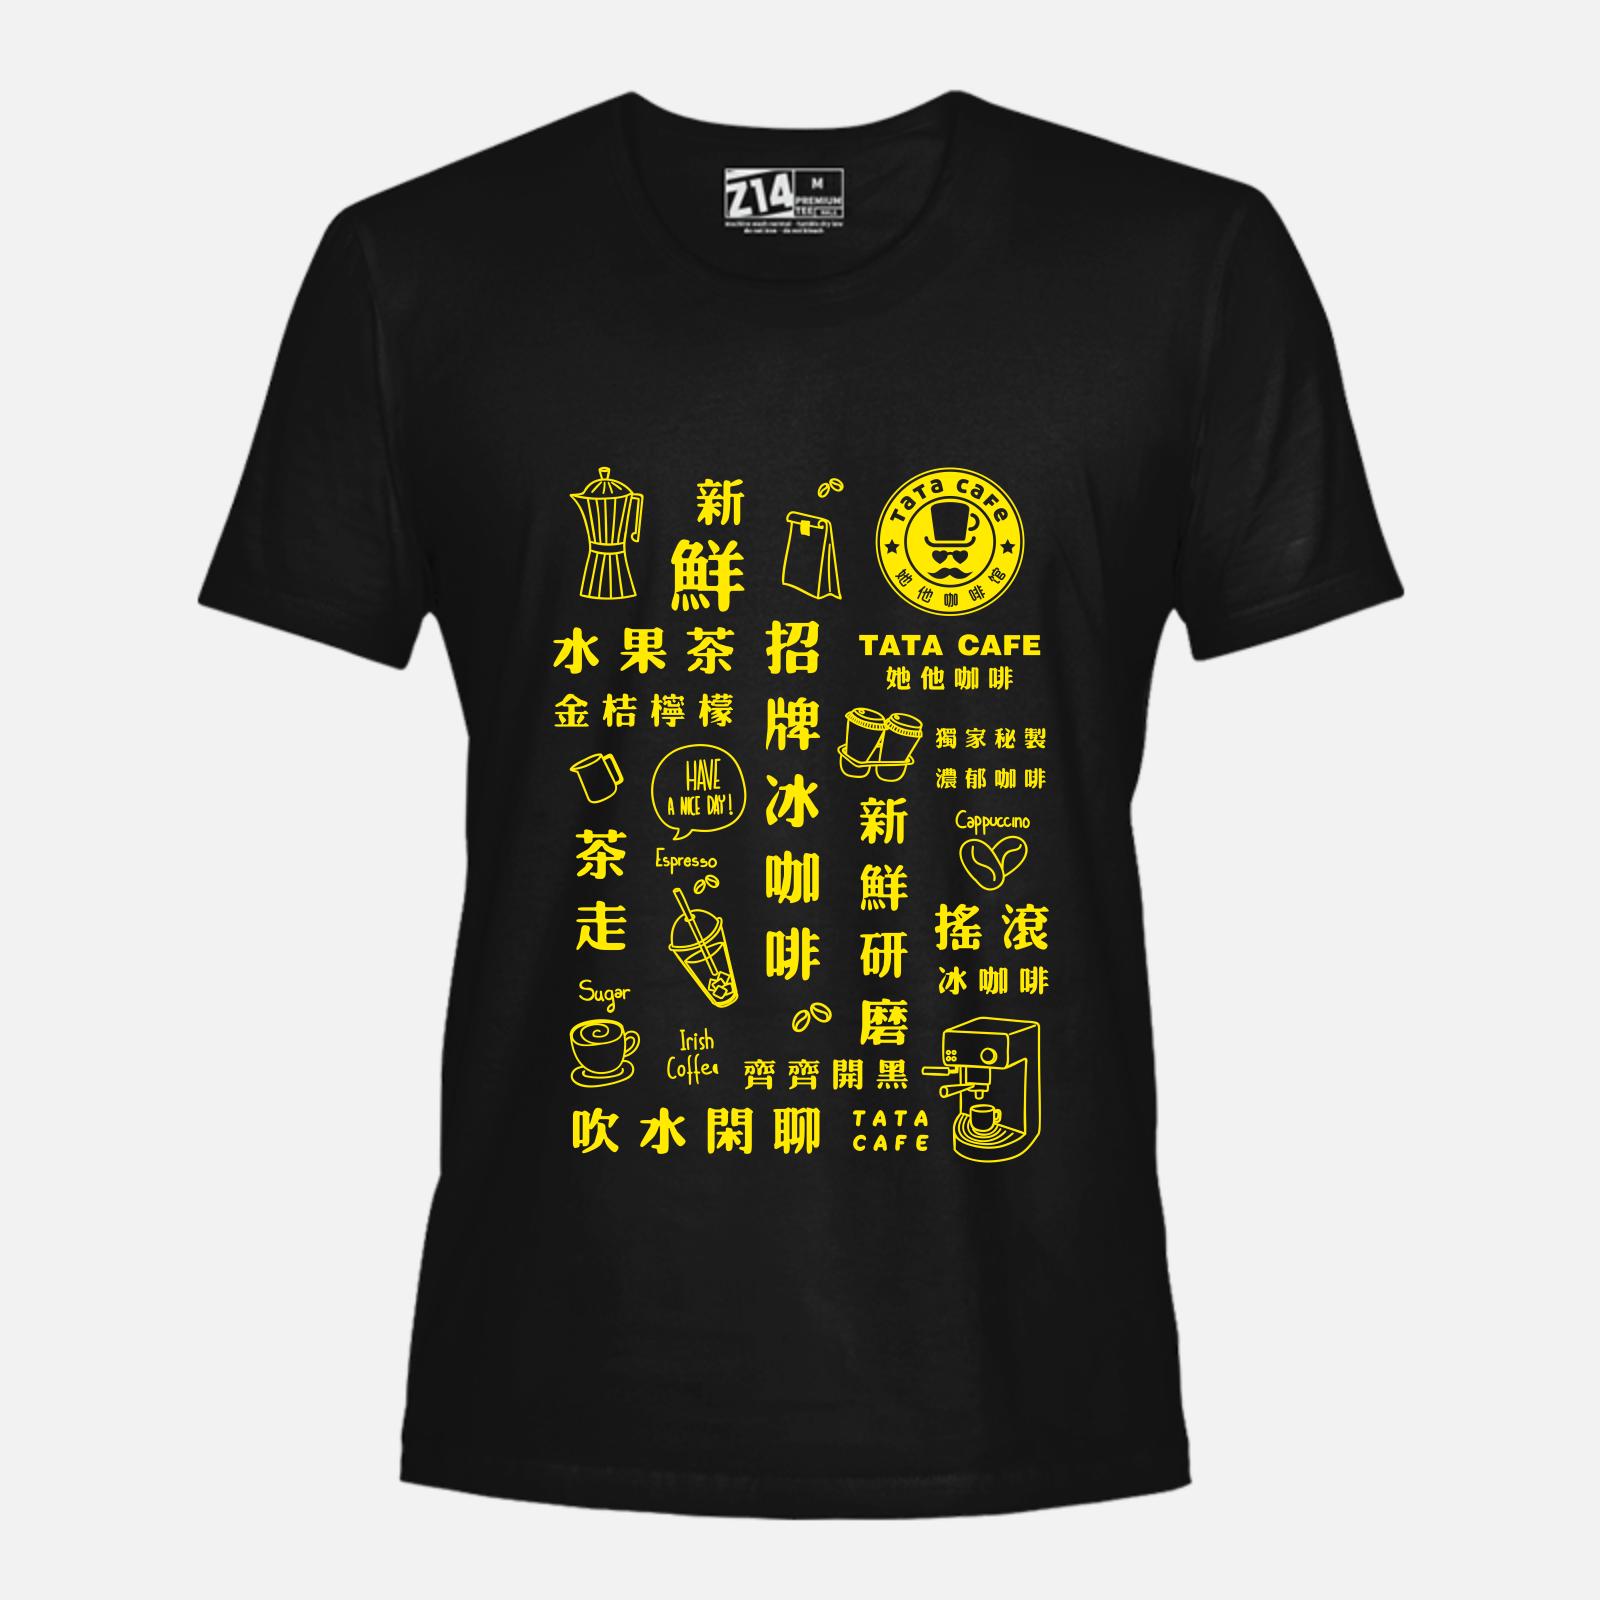 t社 咖啡饮料店文化衫t恤图案设计和定制